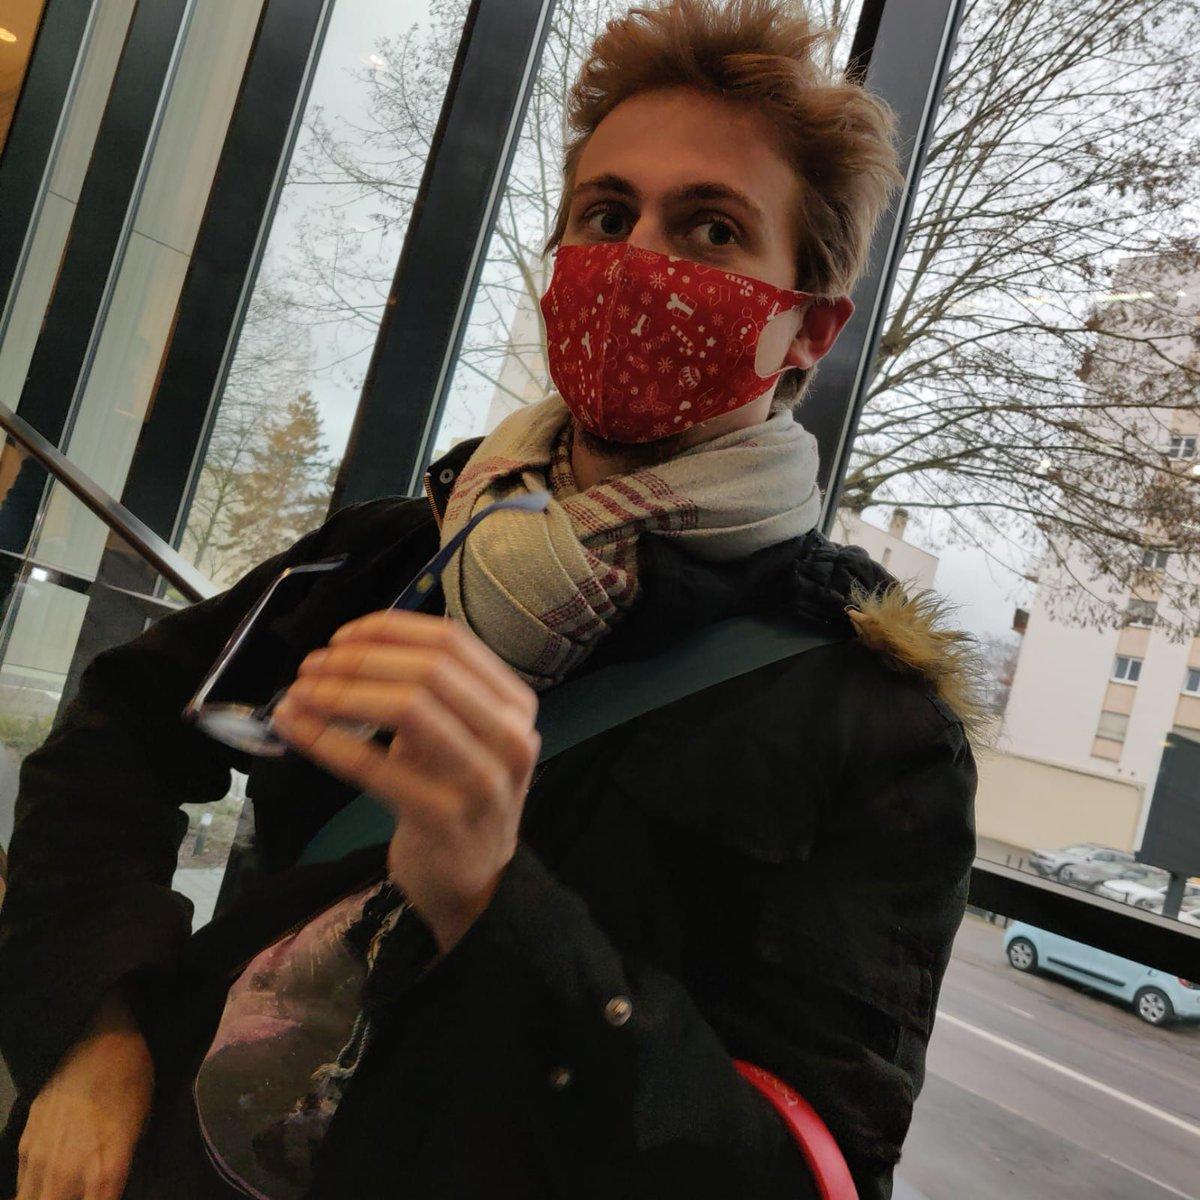 @JimmyViandeur a le plus beau masque, vous pouvez juste pas dire non 😅  #Metz #Viandeur #SMP #POP #Mictor #MDR #funny #Jul #hands #masque